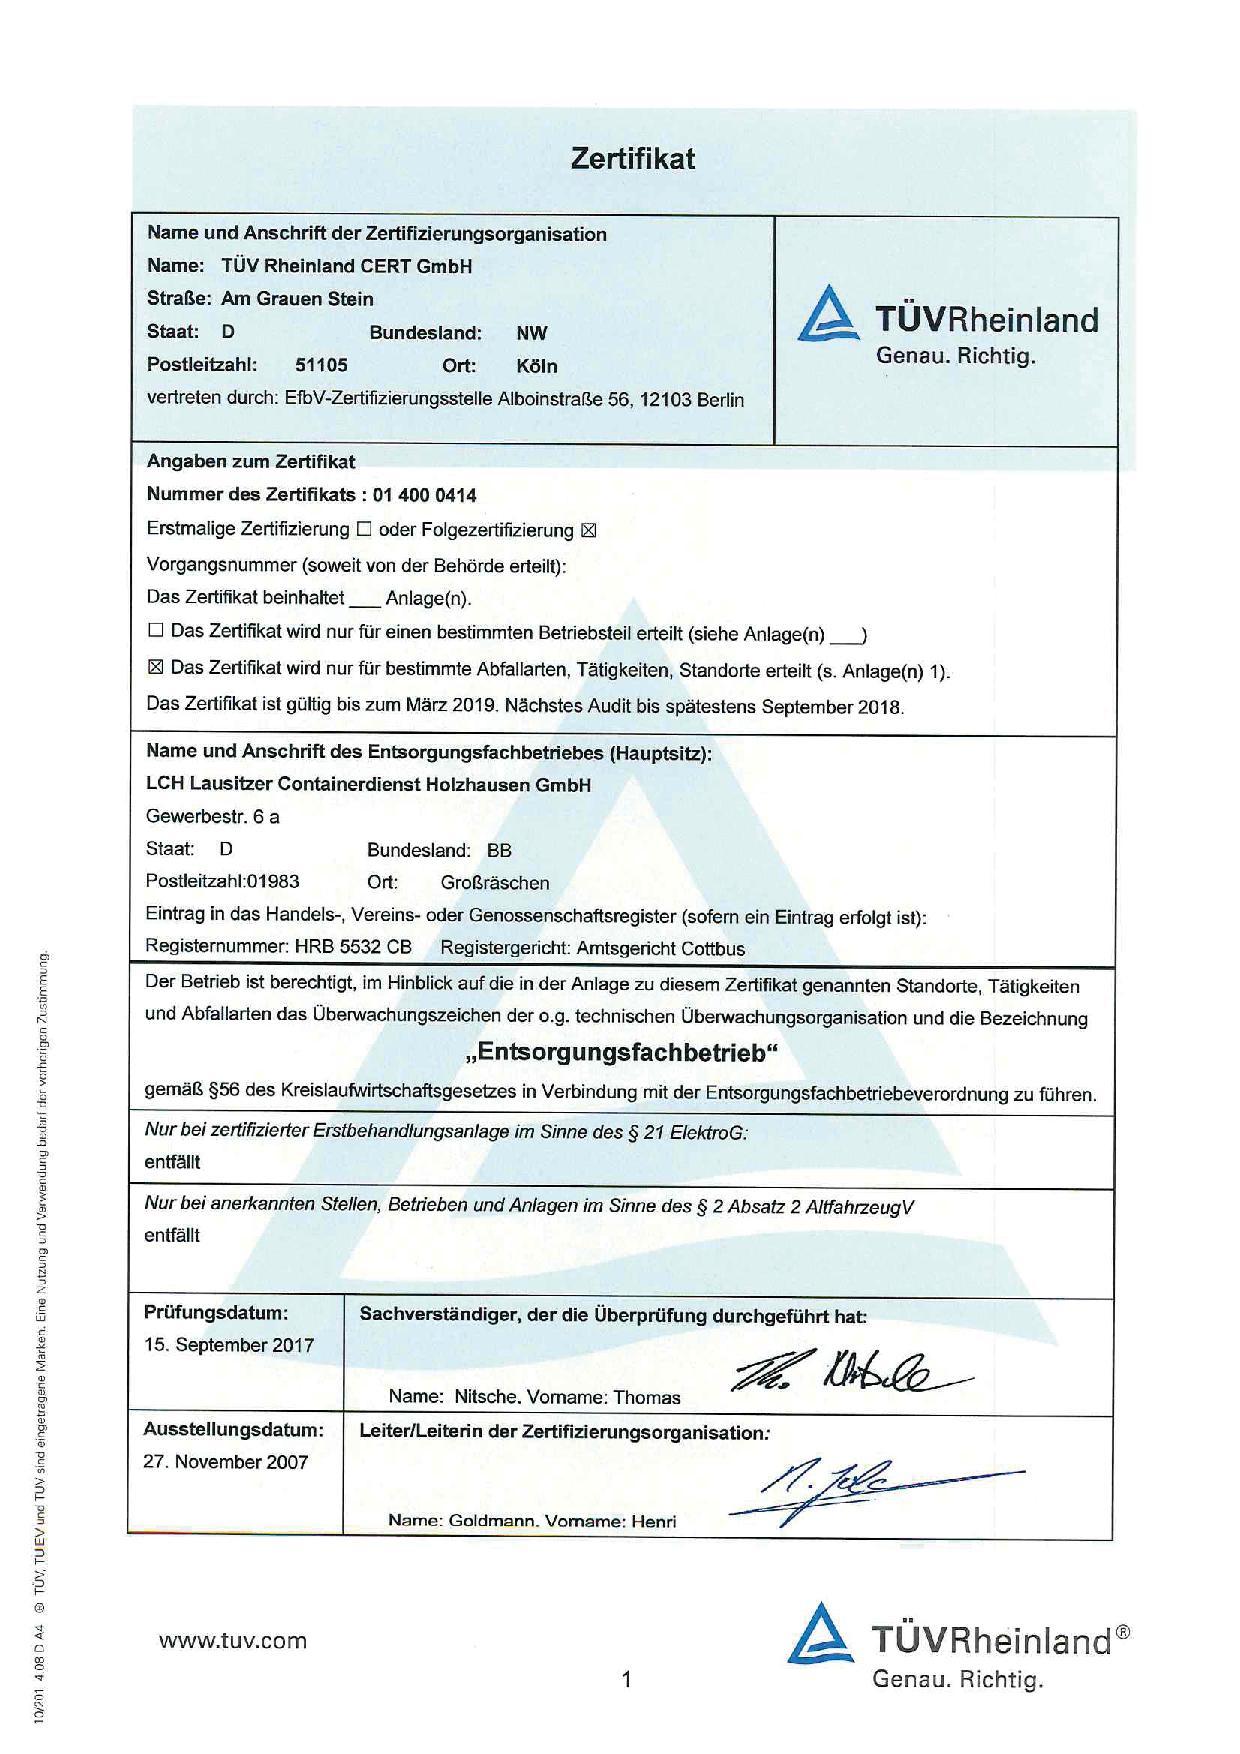 Luxury Probe Der Zertifizierung Der Beschäftigung Festooning ...